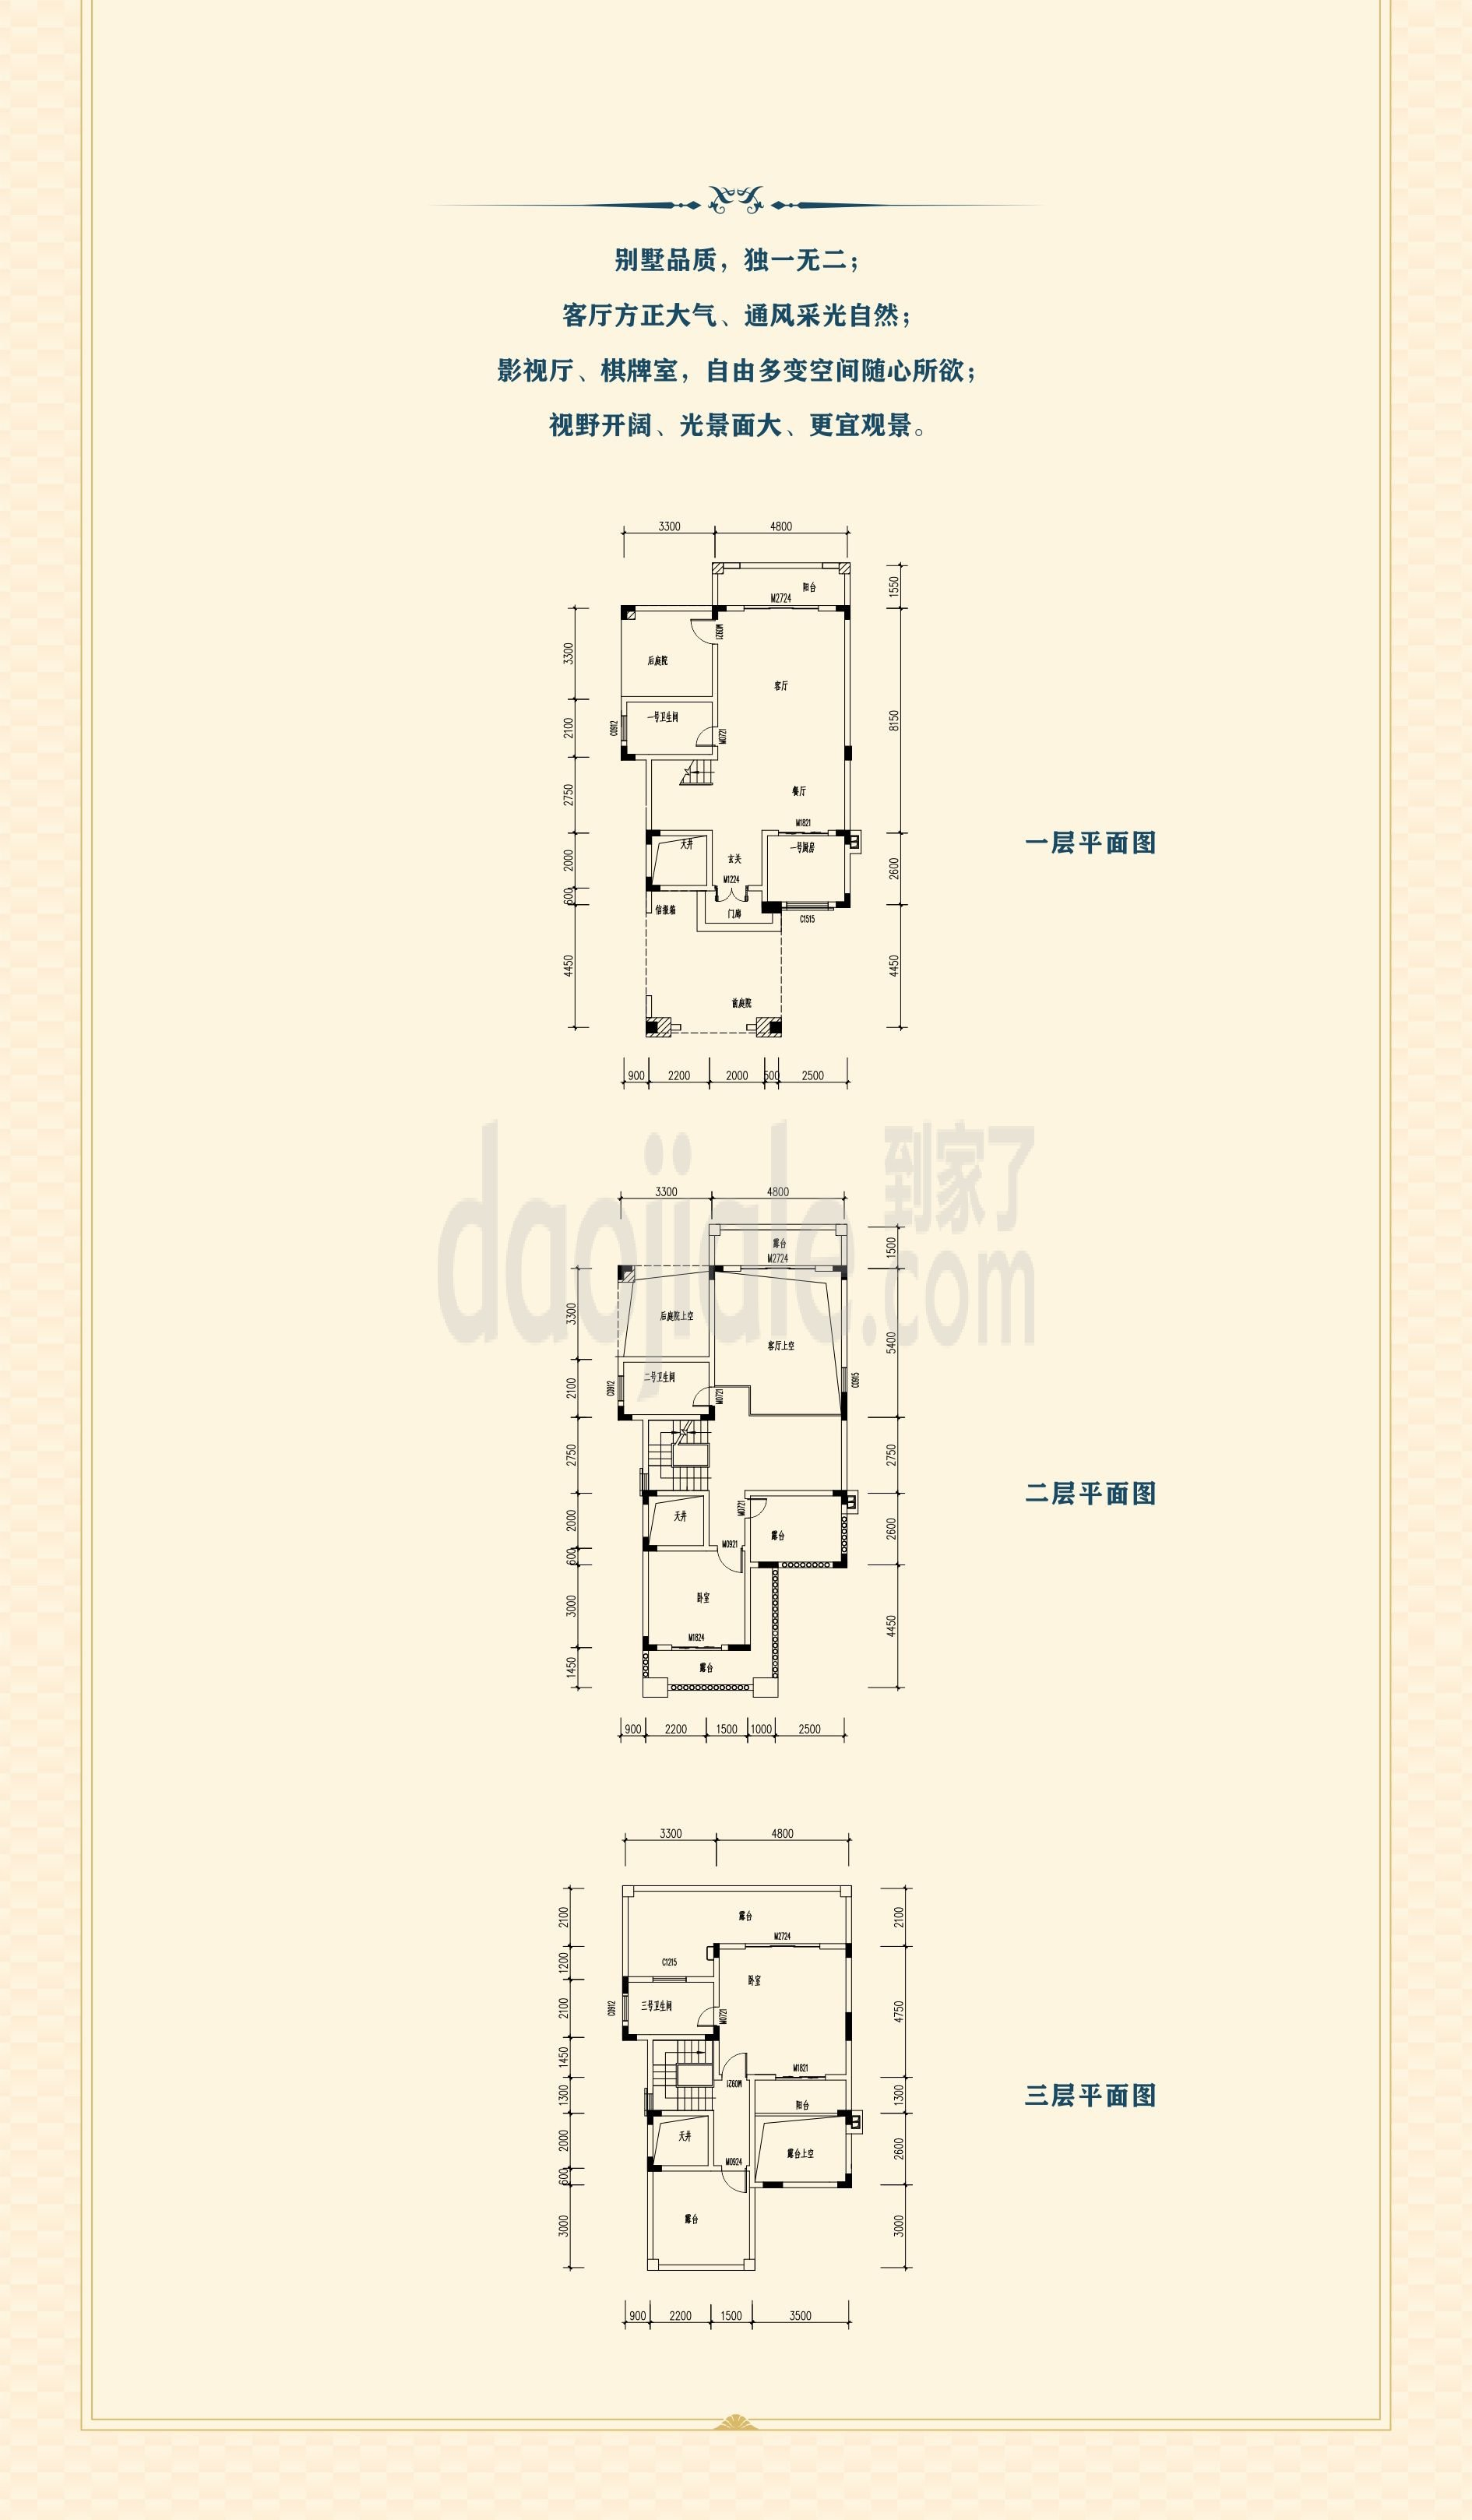 江津区东部新城祥豪维多利亚港湾新房类独栋户型图